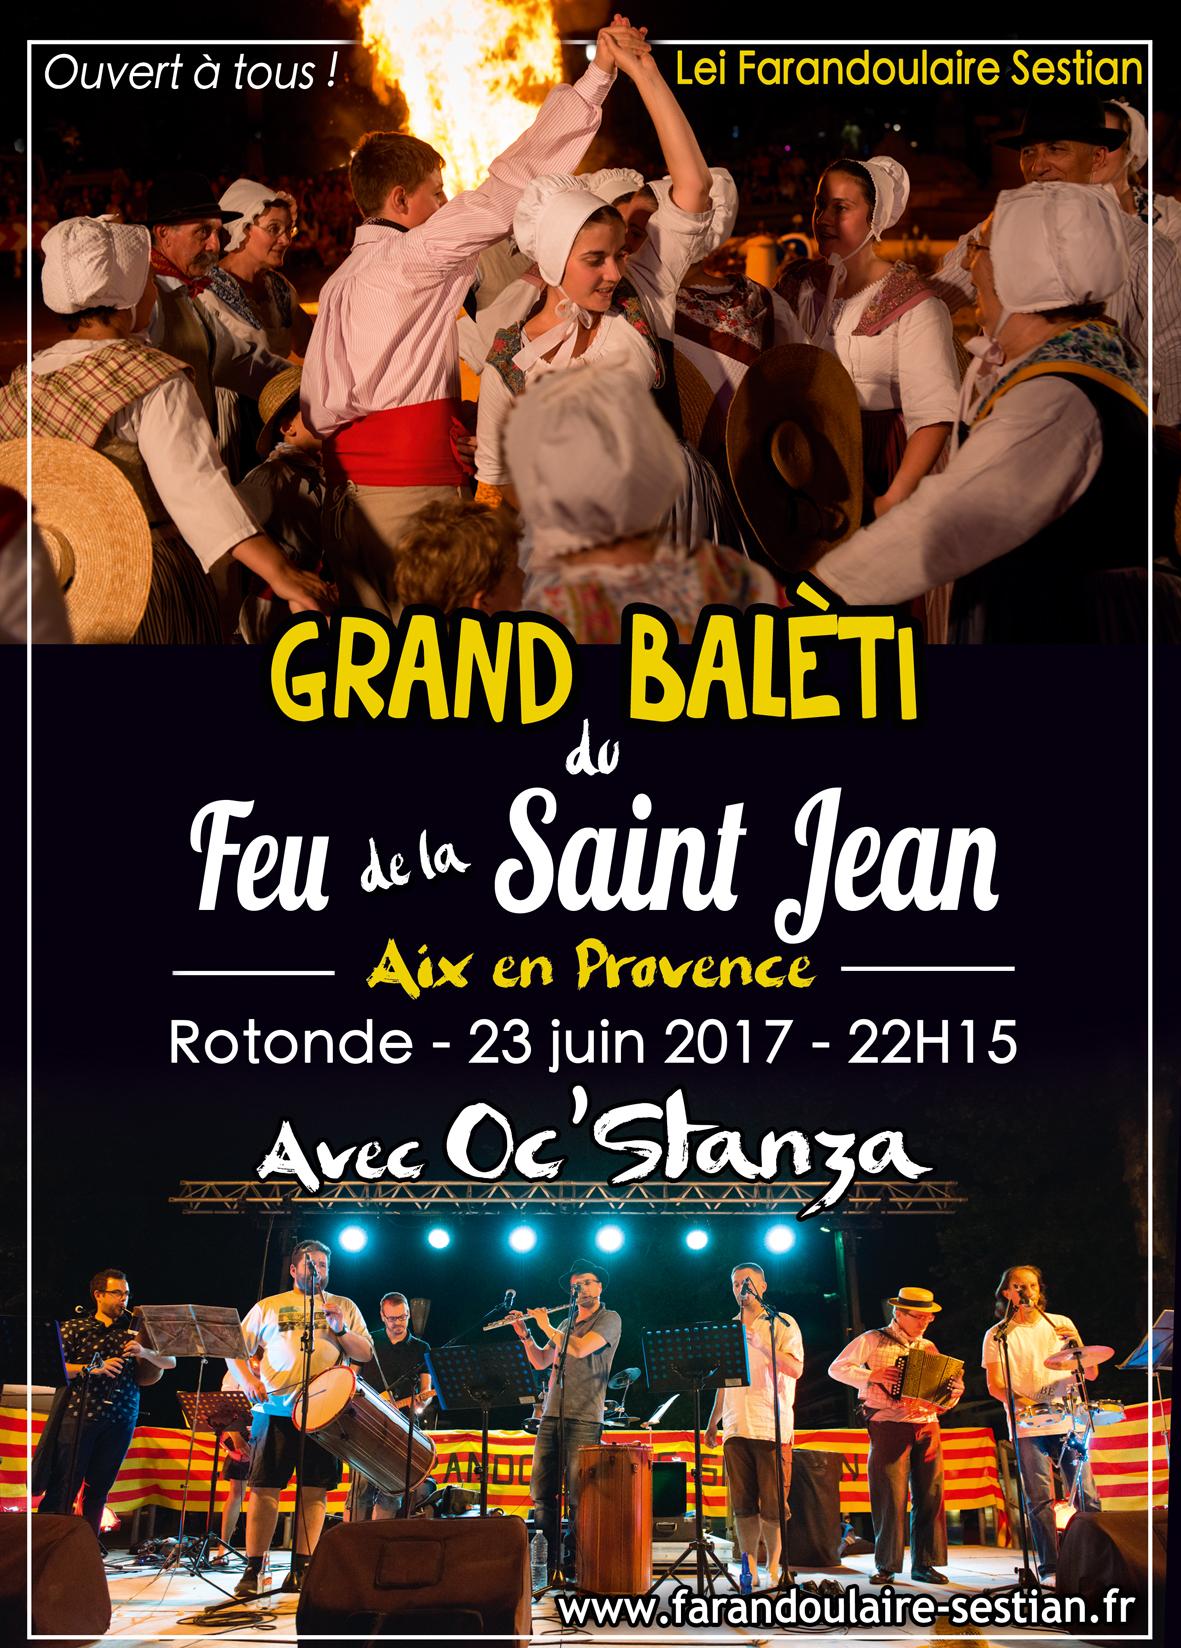 St Jean 2017 Affiche Baleti WEB